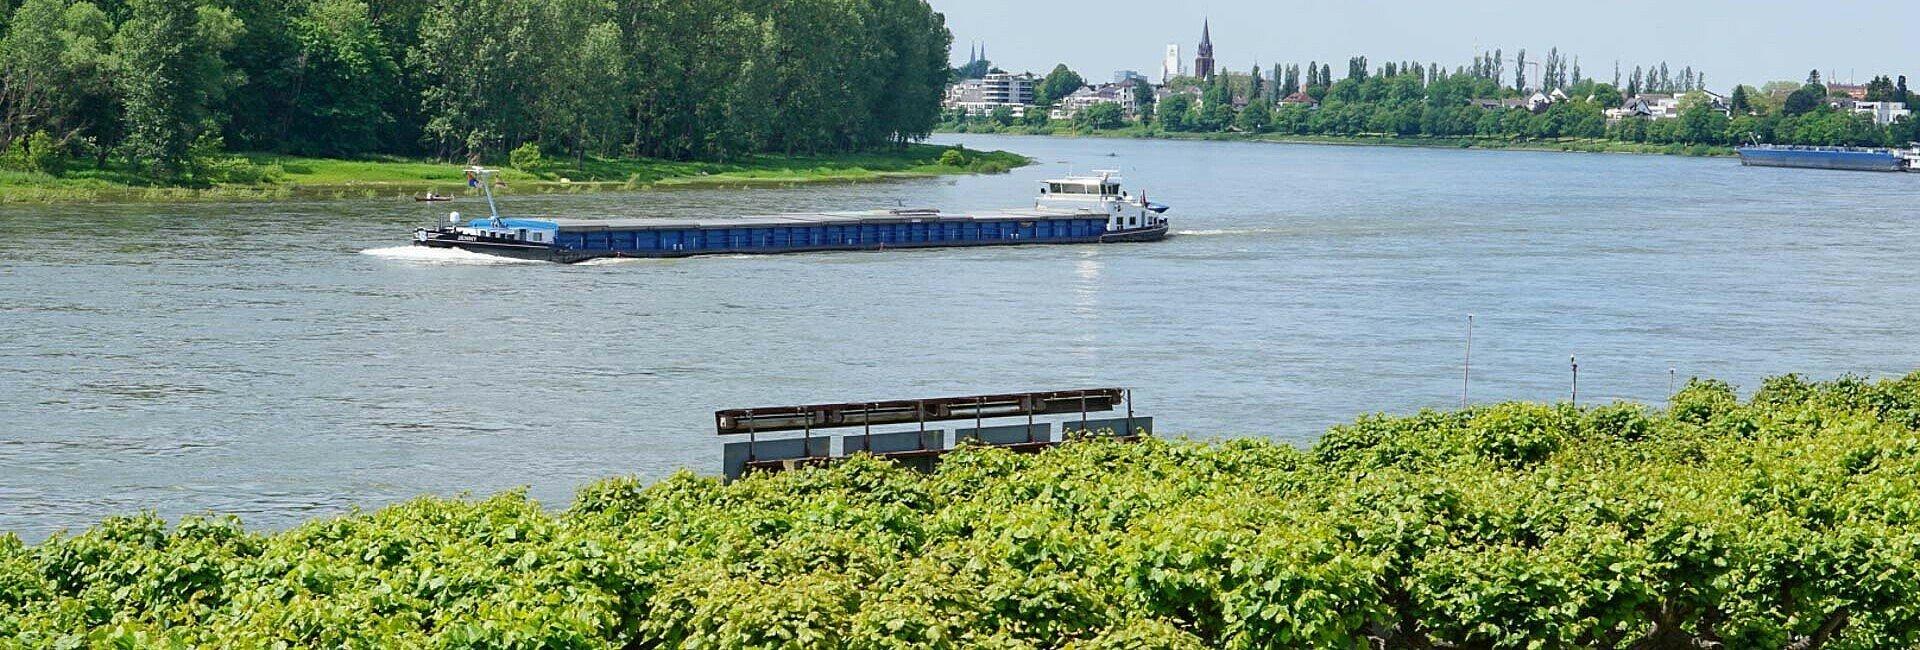 Sommerliches Rheinufer in Köln-Porz